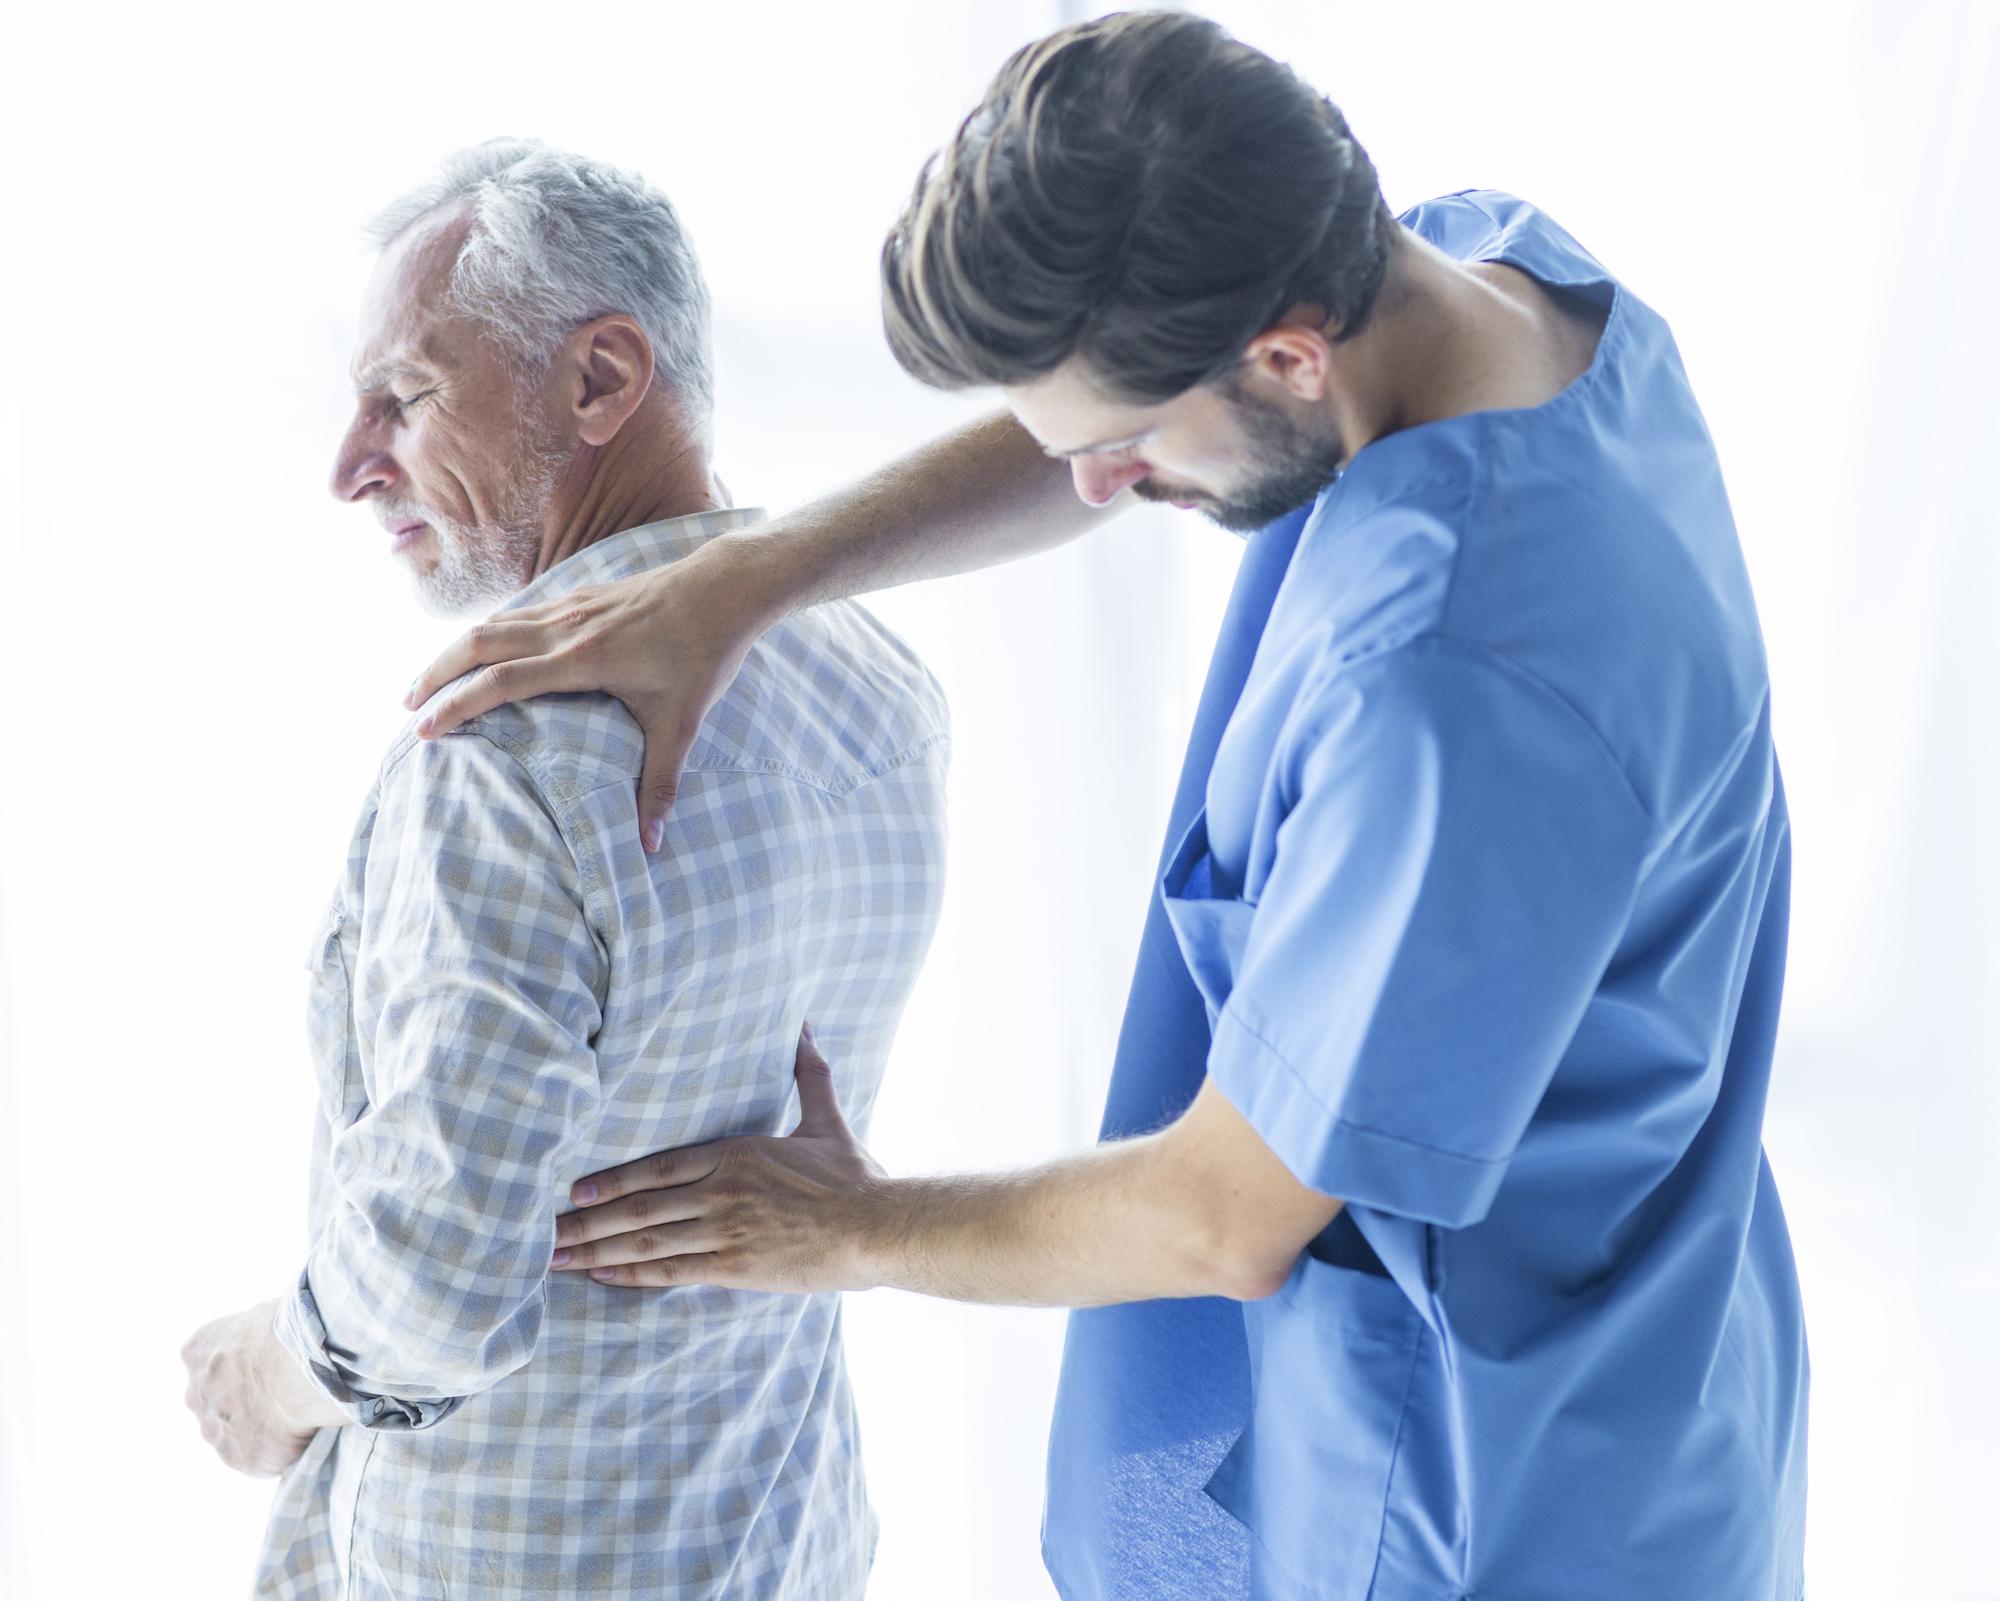 kórtörténet artrózis bokaízület második fokú térdbetegség